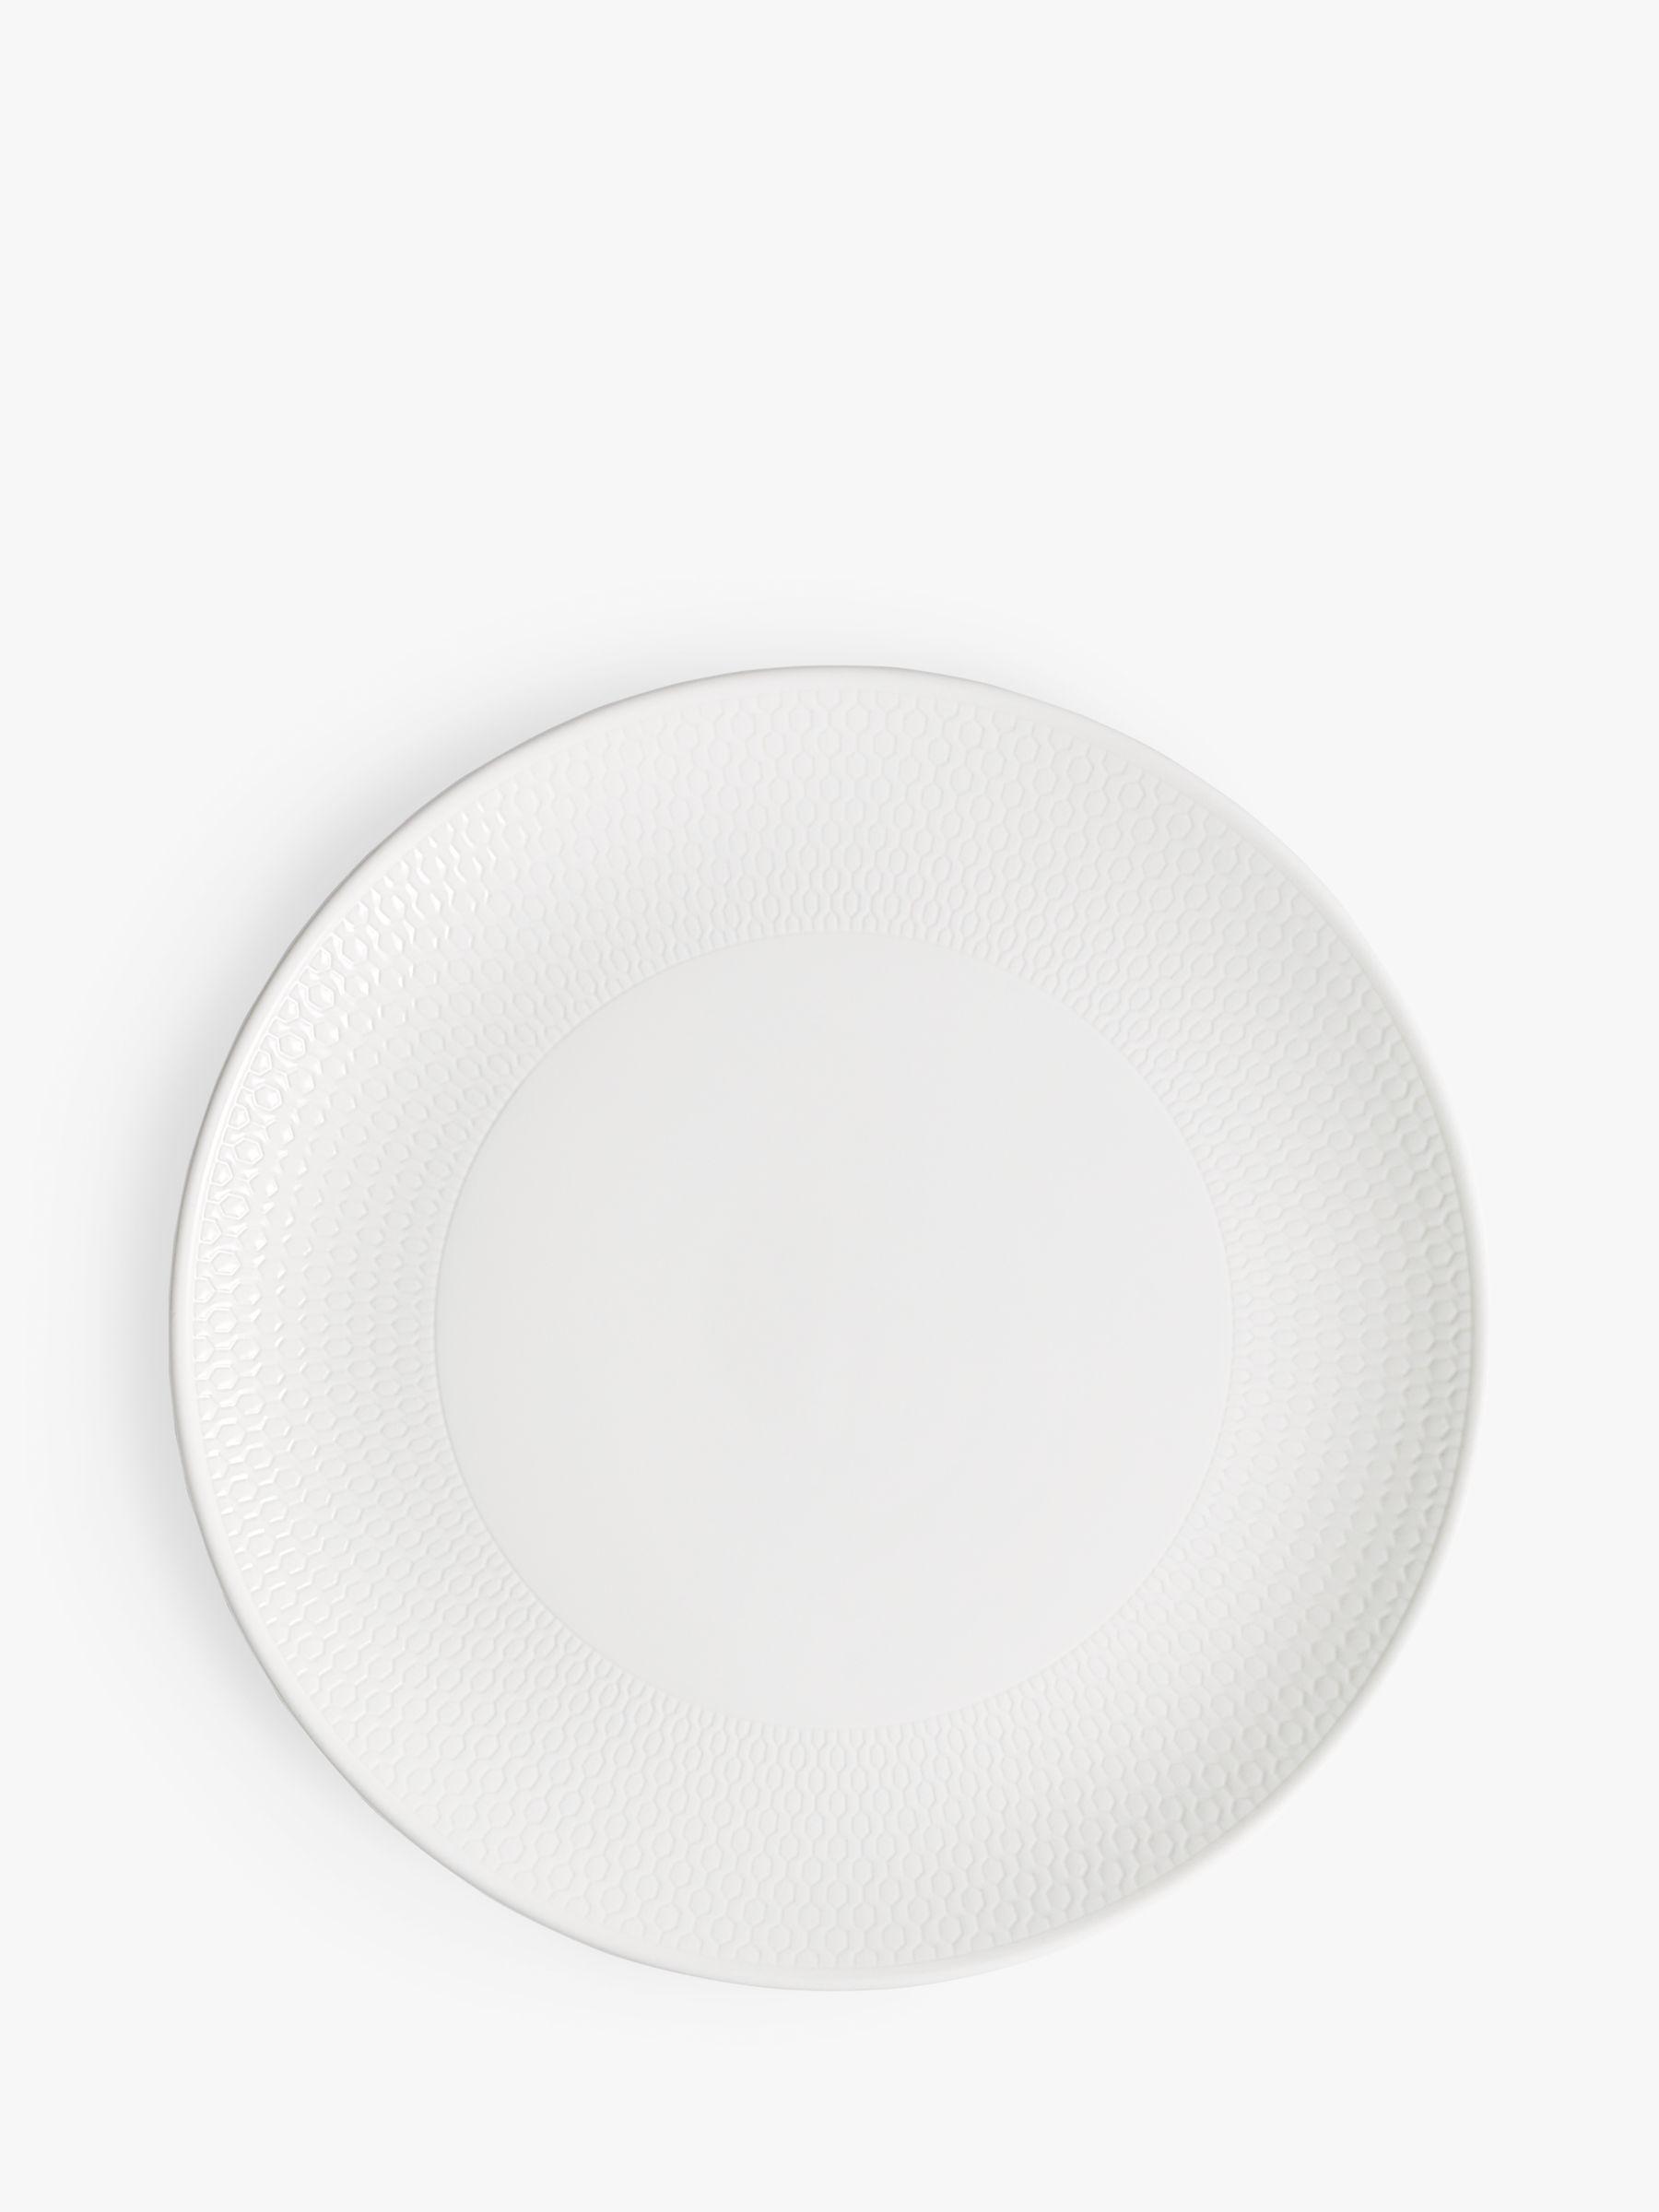 Wedgwood Wedgwood Gio Side Plate, White, Dia.23cm